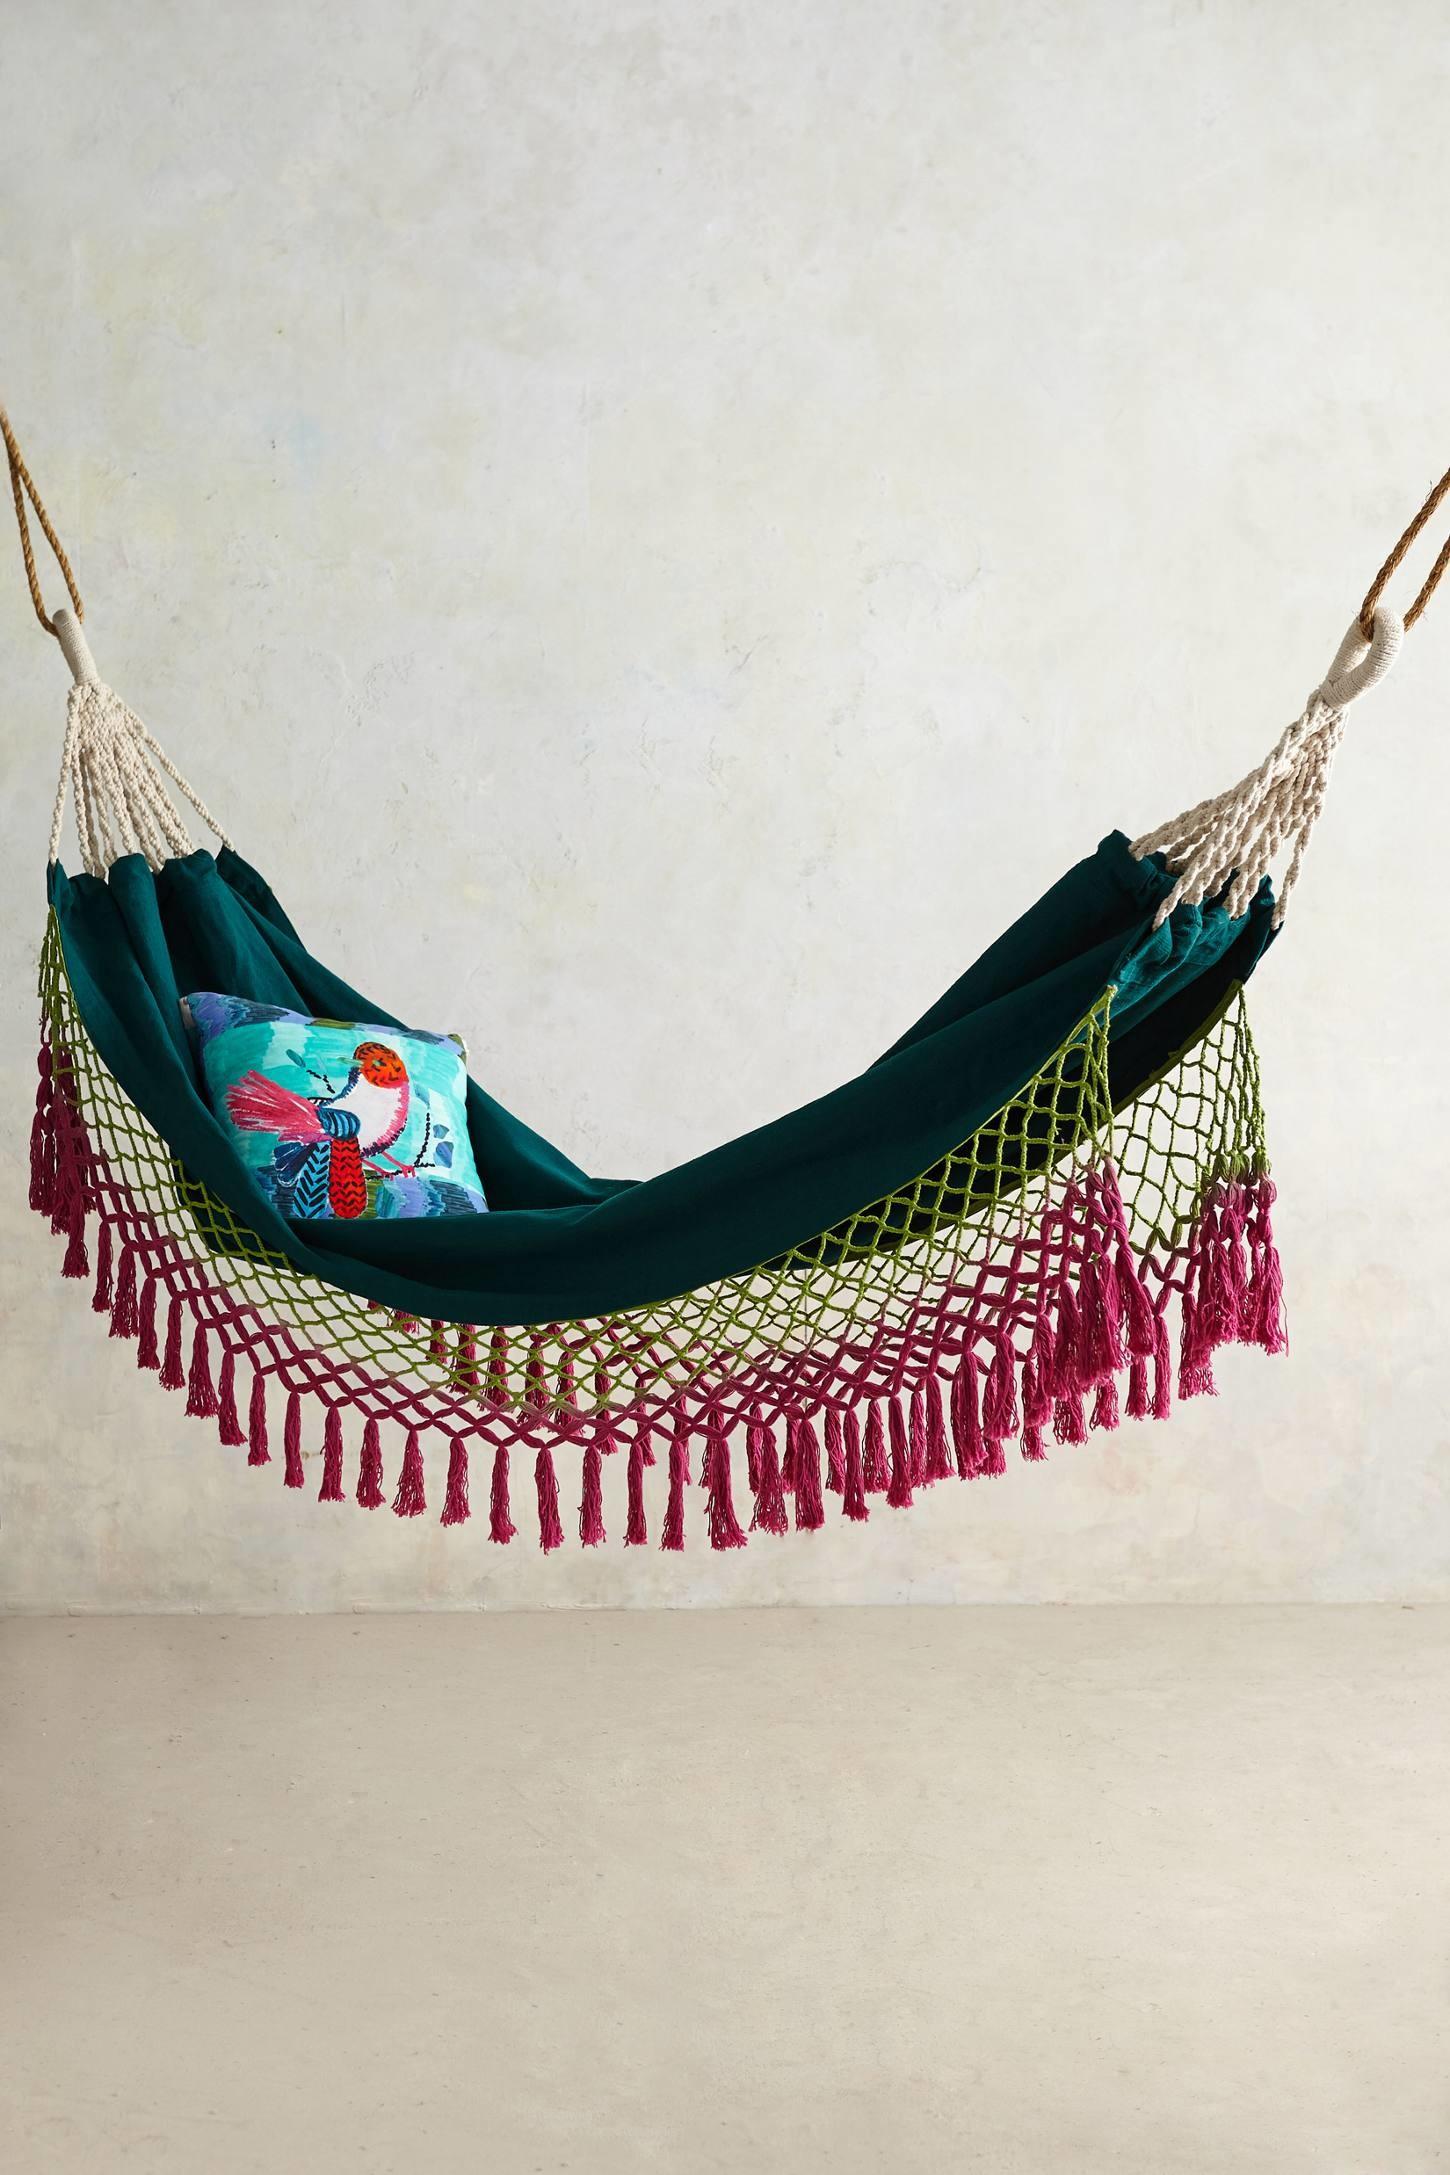 Lined hammock